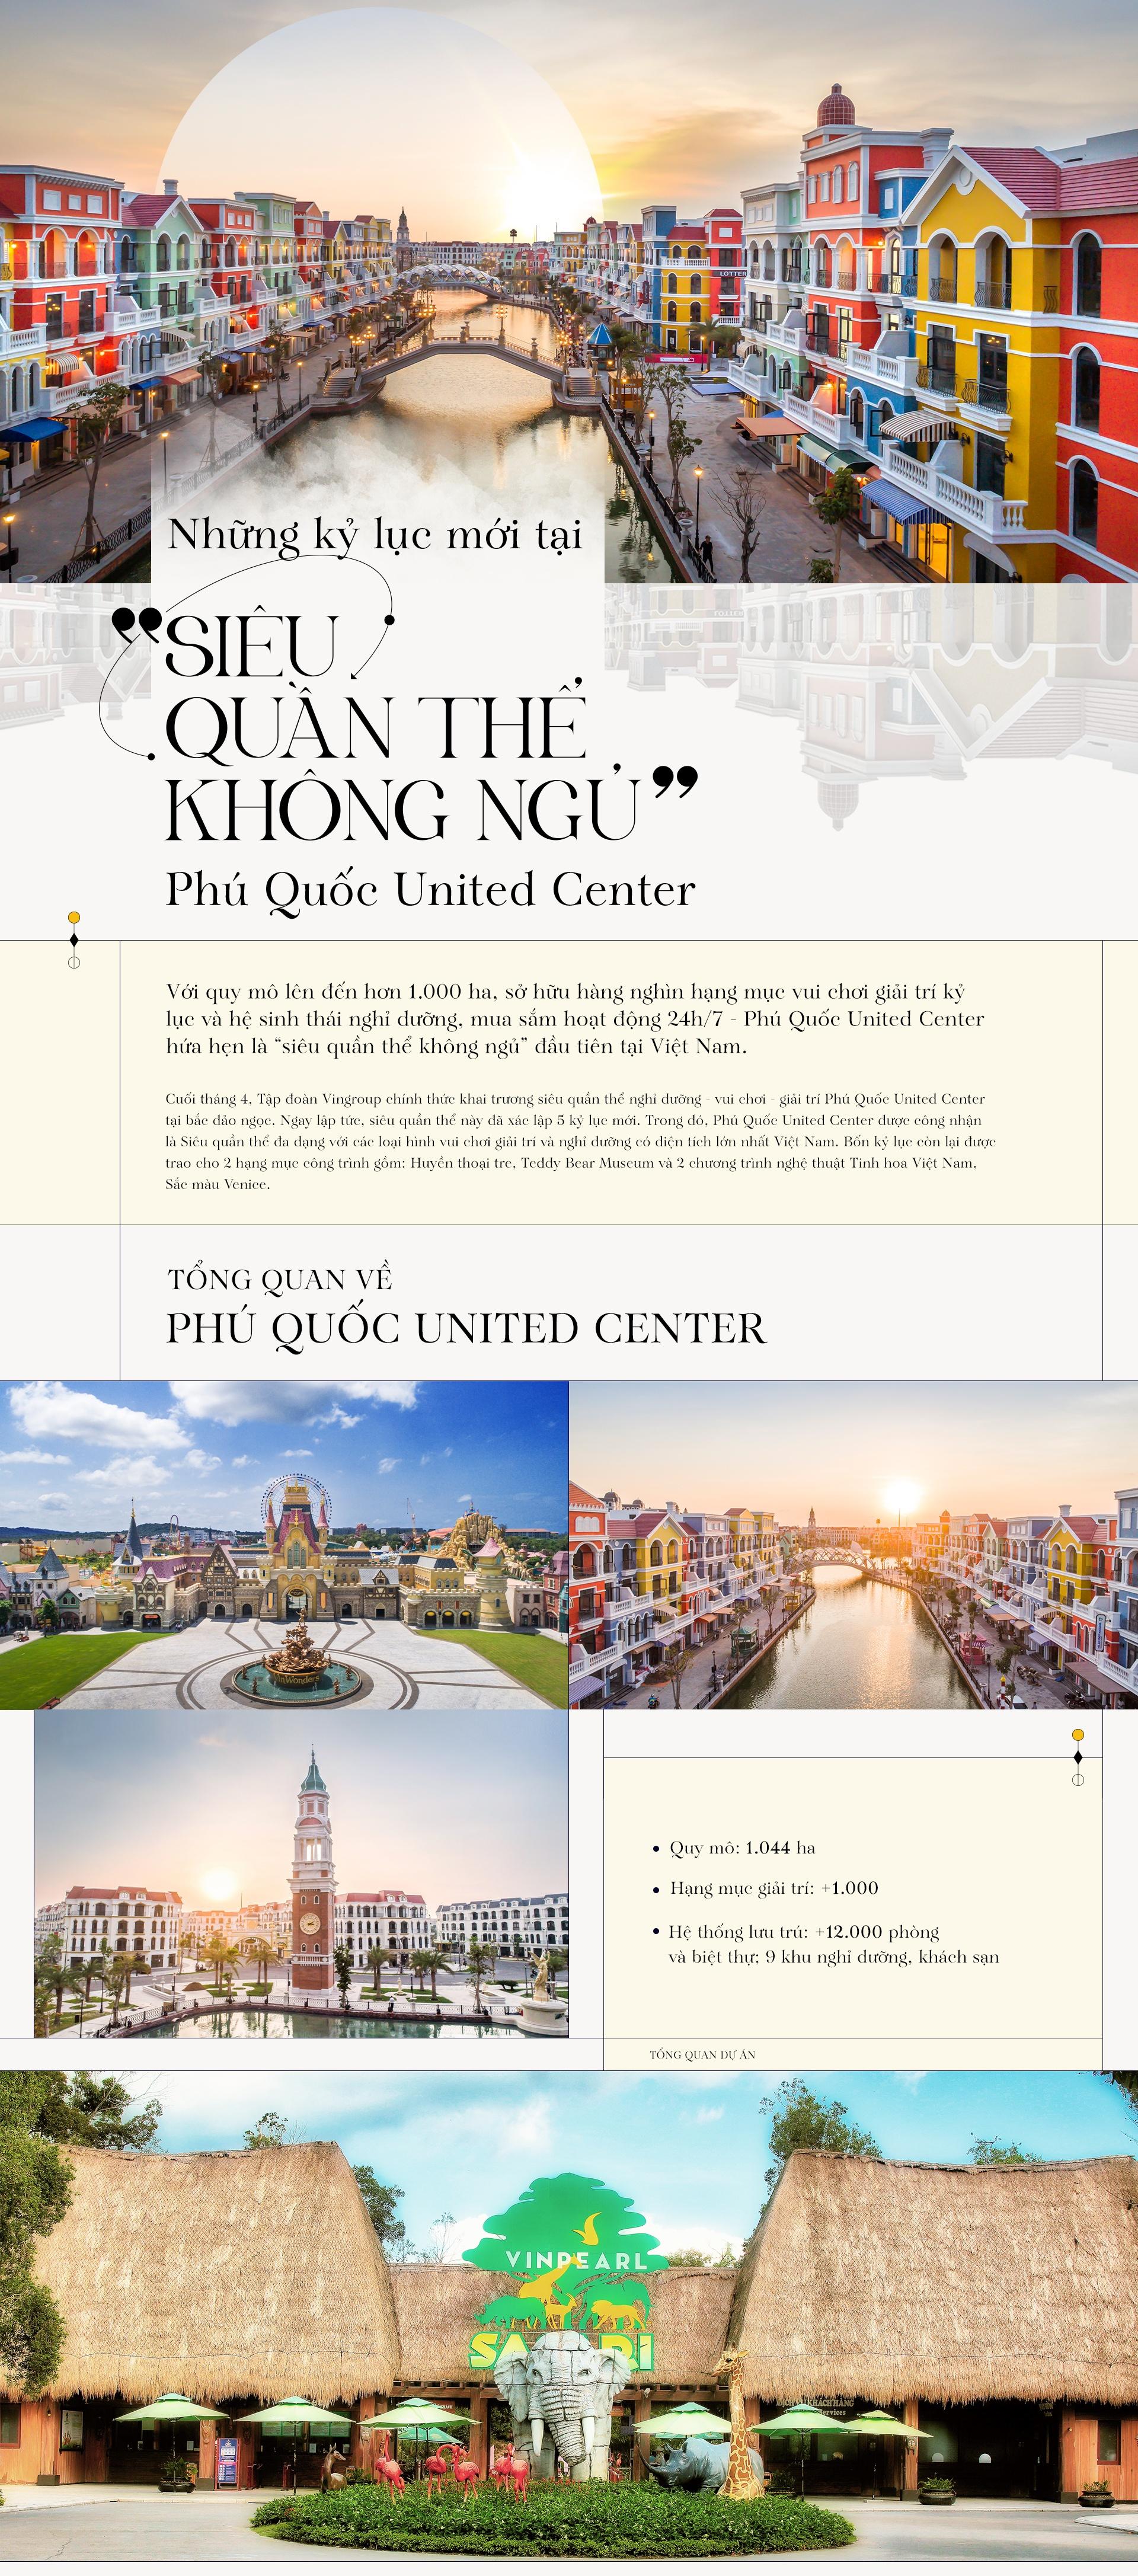 - Highlight_01 - Những kỷ lục mới tại 'siêu quần thể không ngủ' Phú Quốc United Center